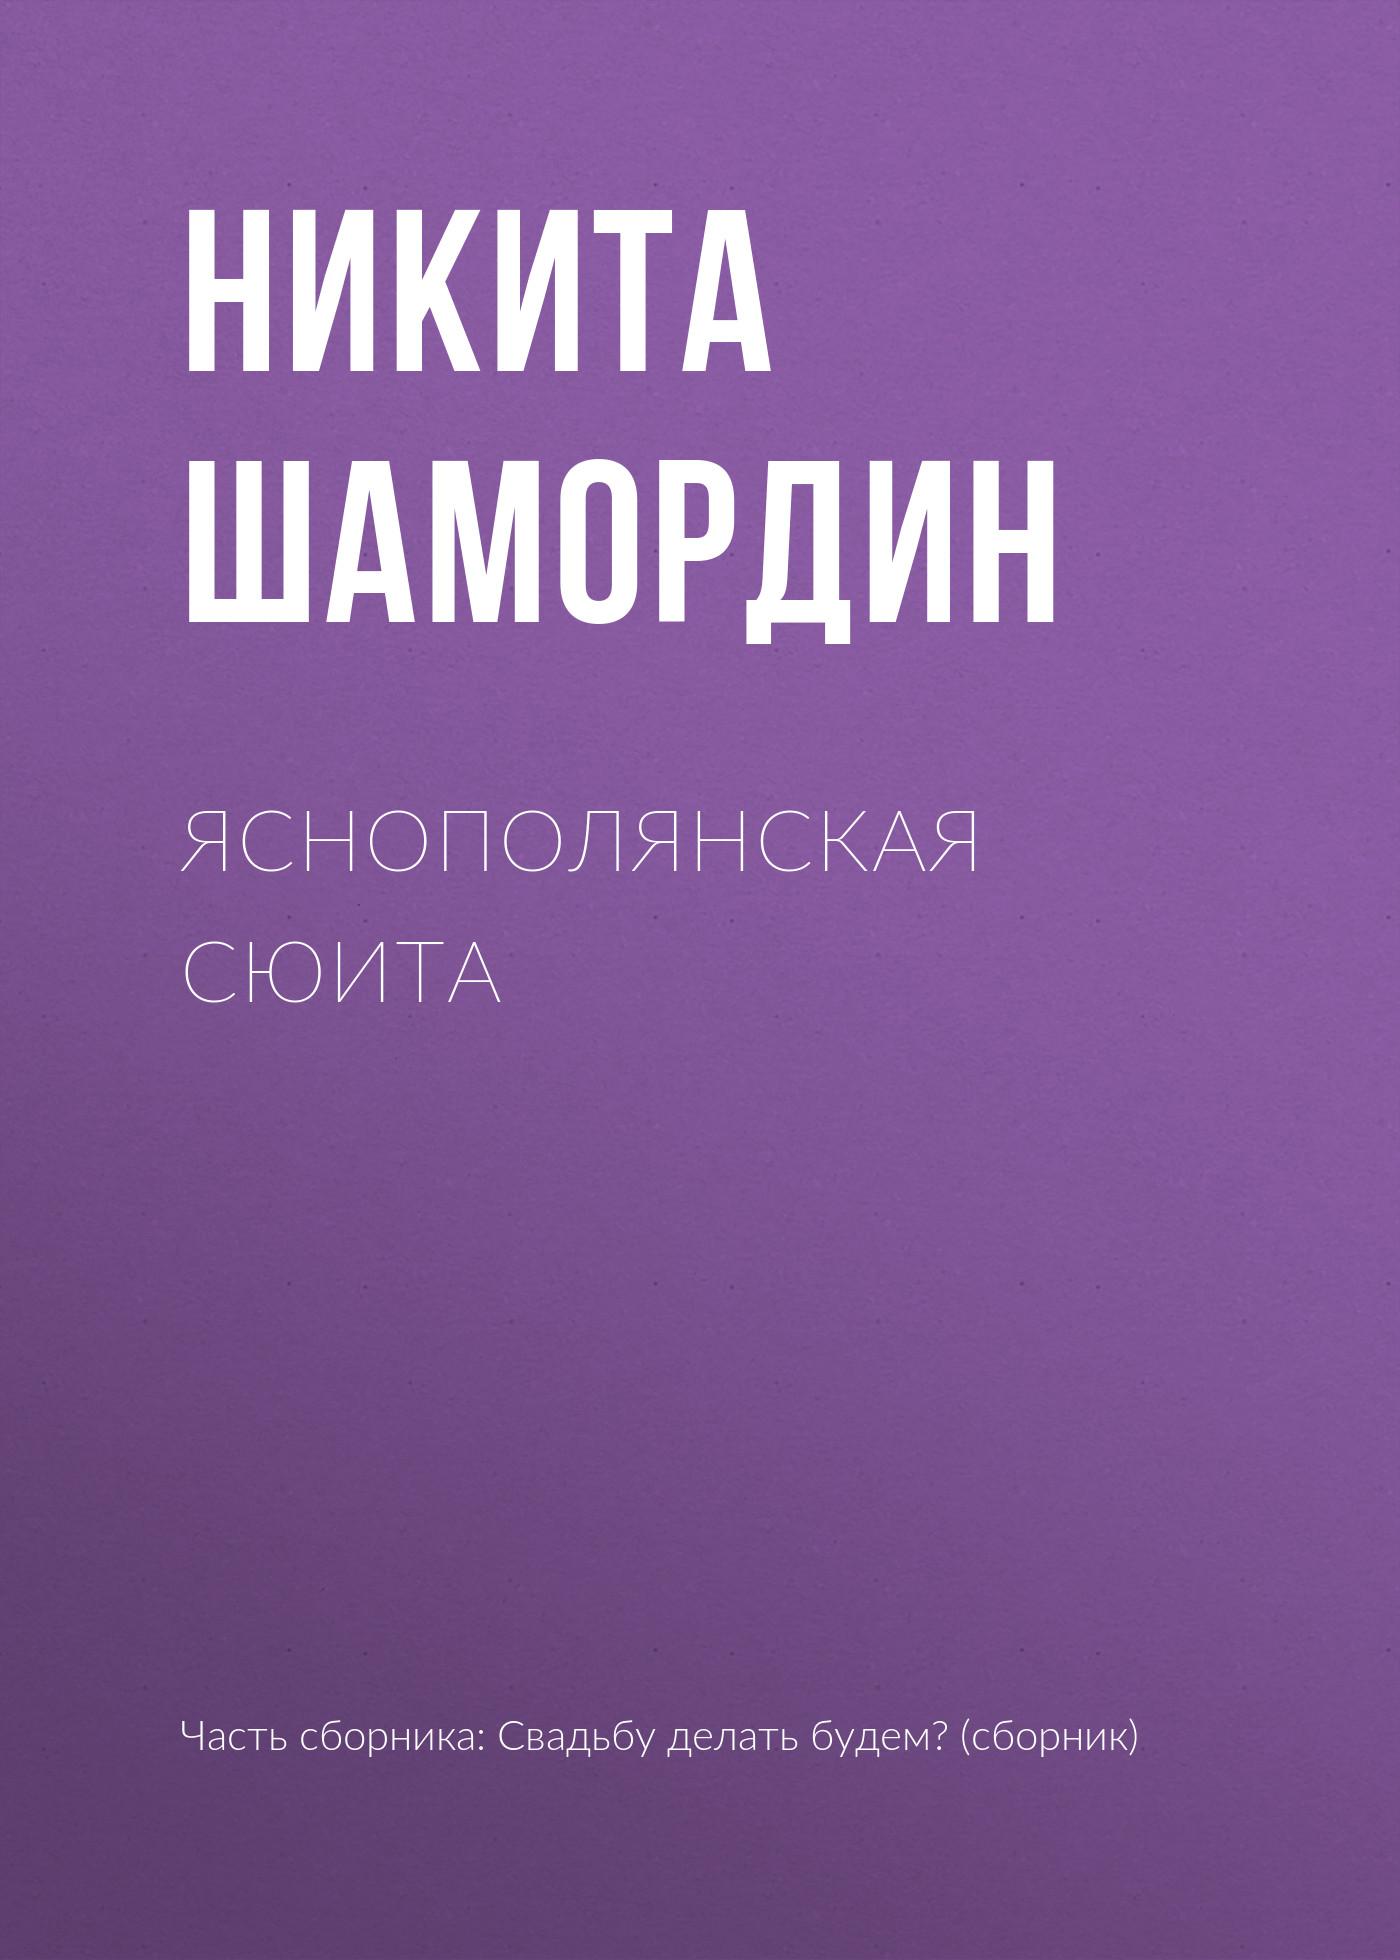 Фото - Никита Шамордин Яснополянская сюита shahsanam binalieva впокровахтьмы помнименя